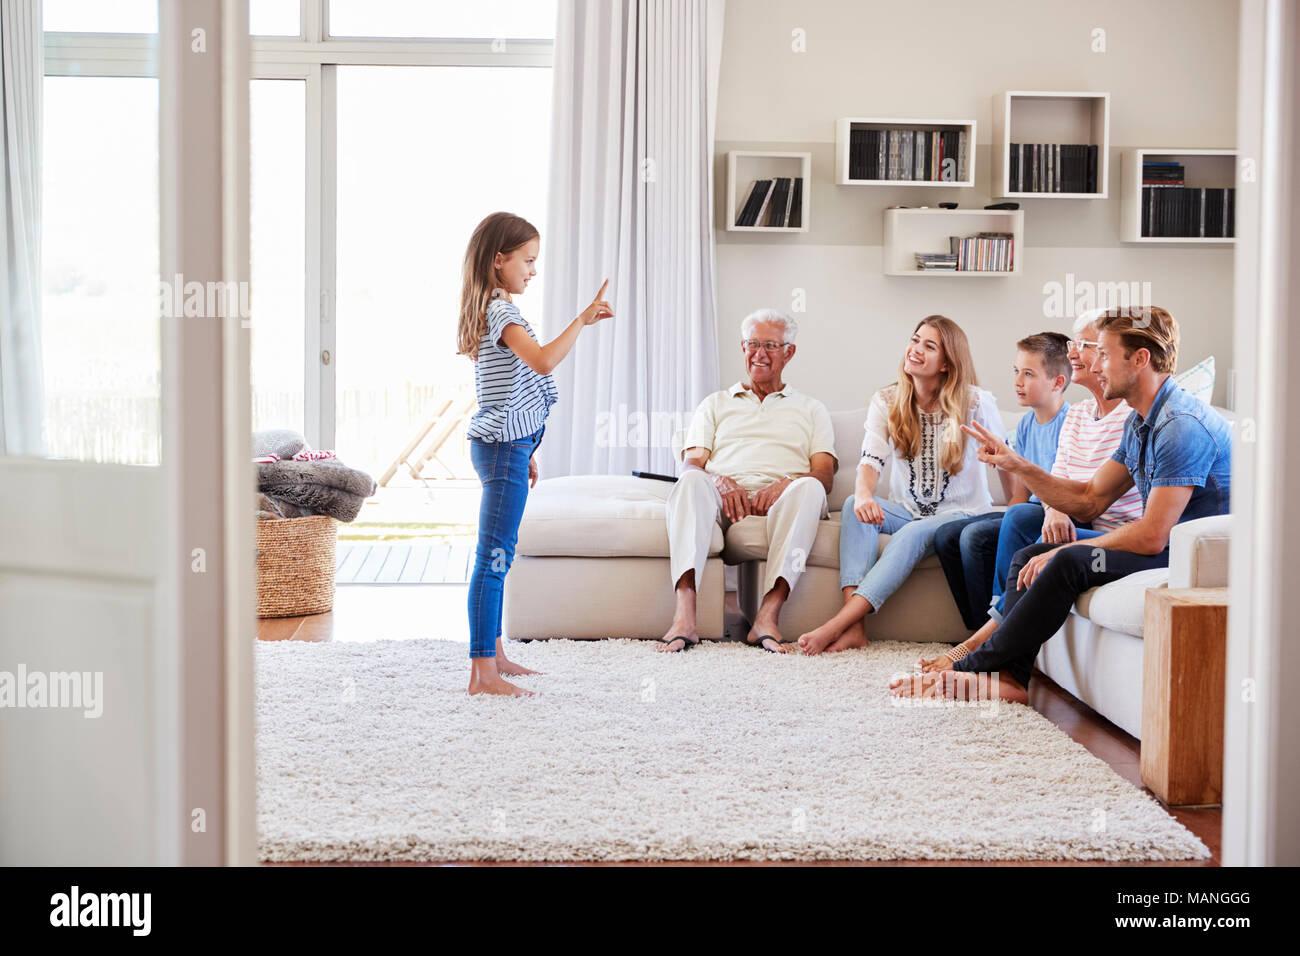 Generación de múltiples Familia sentada en un sofá en casa jugando charadas Imagen De Stock